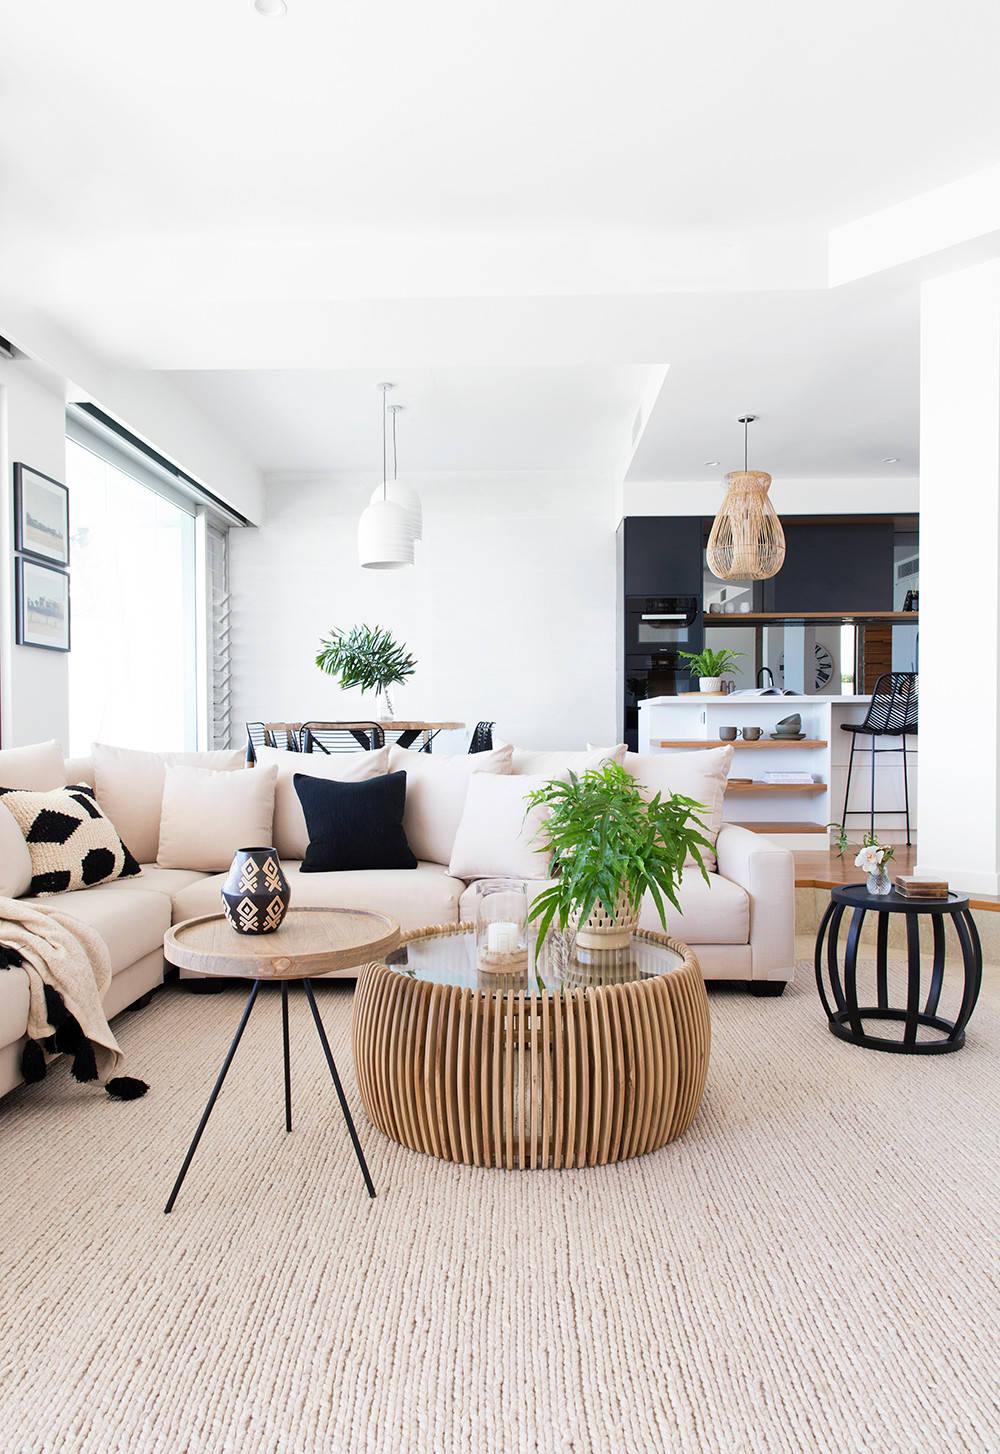 027 residence broadbeach donna guyler design - BIỆT THỰ NHÌN RA BIỂN ĐẸP NHƯ MƠ